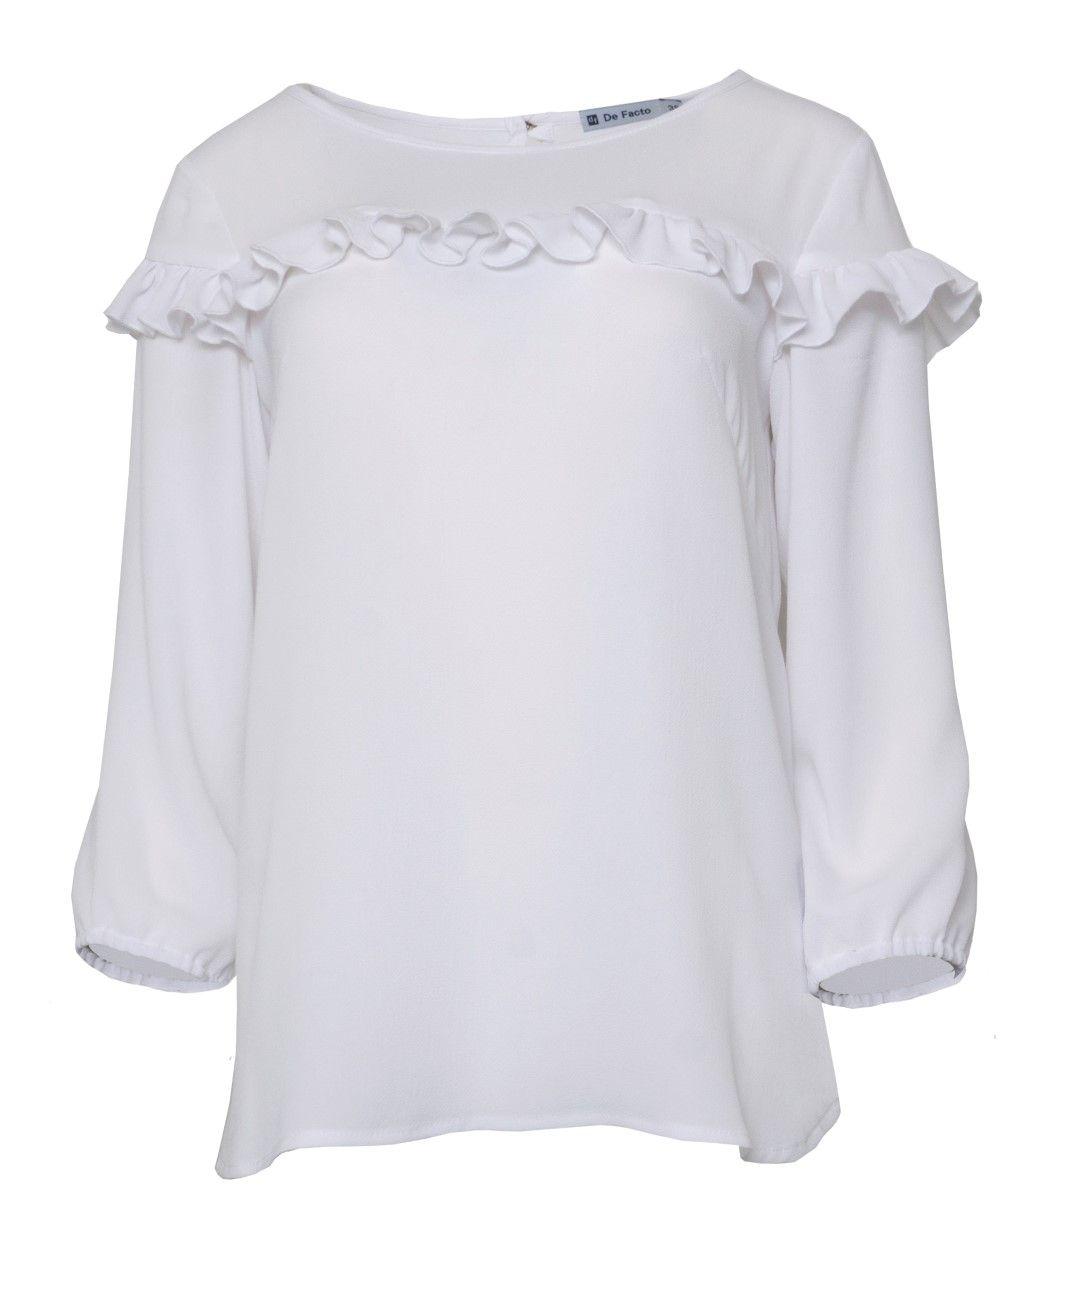 6ee14c17ba Biała bluzka do spódnicy na wesele z falbanką.